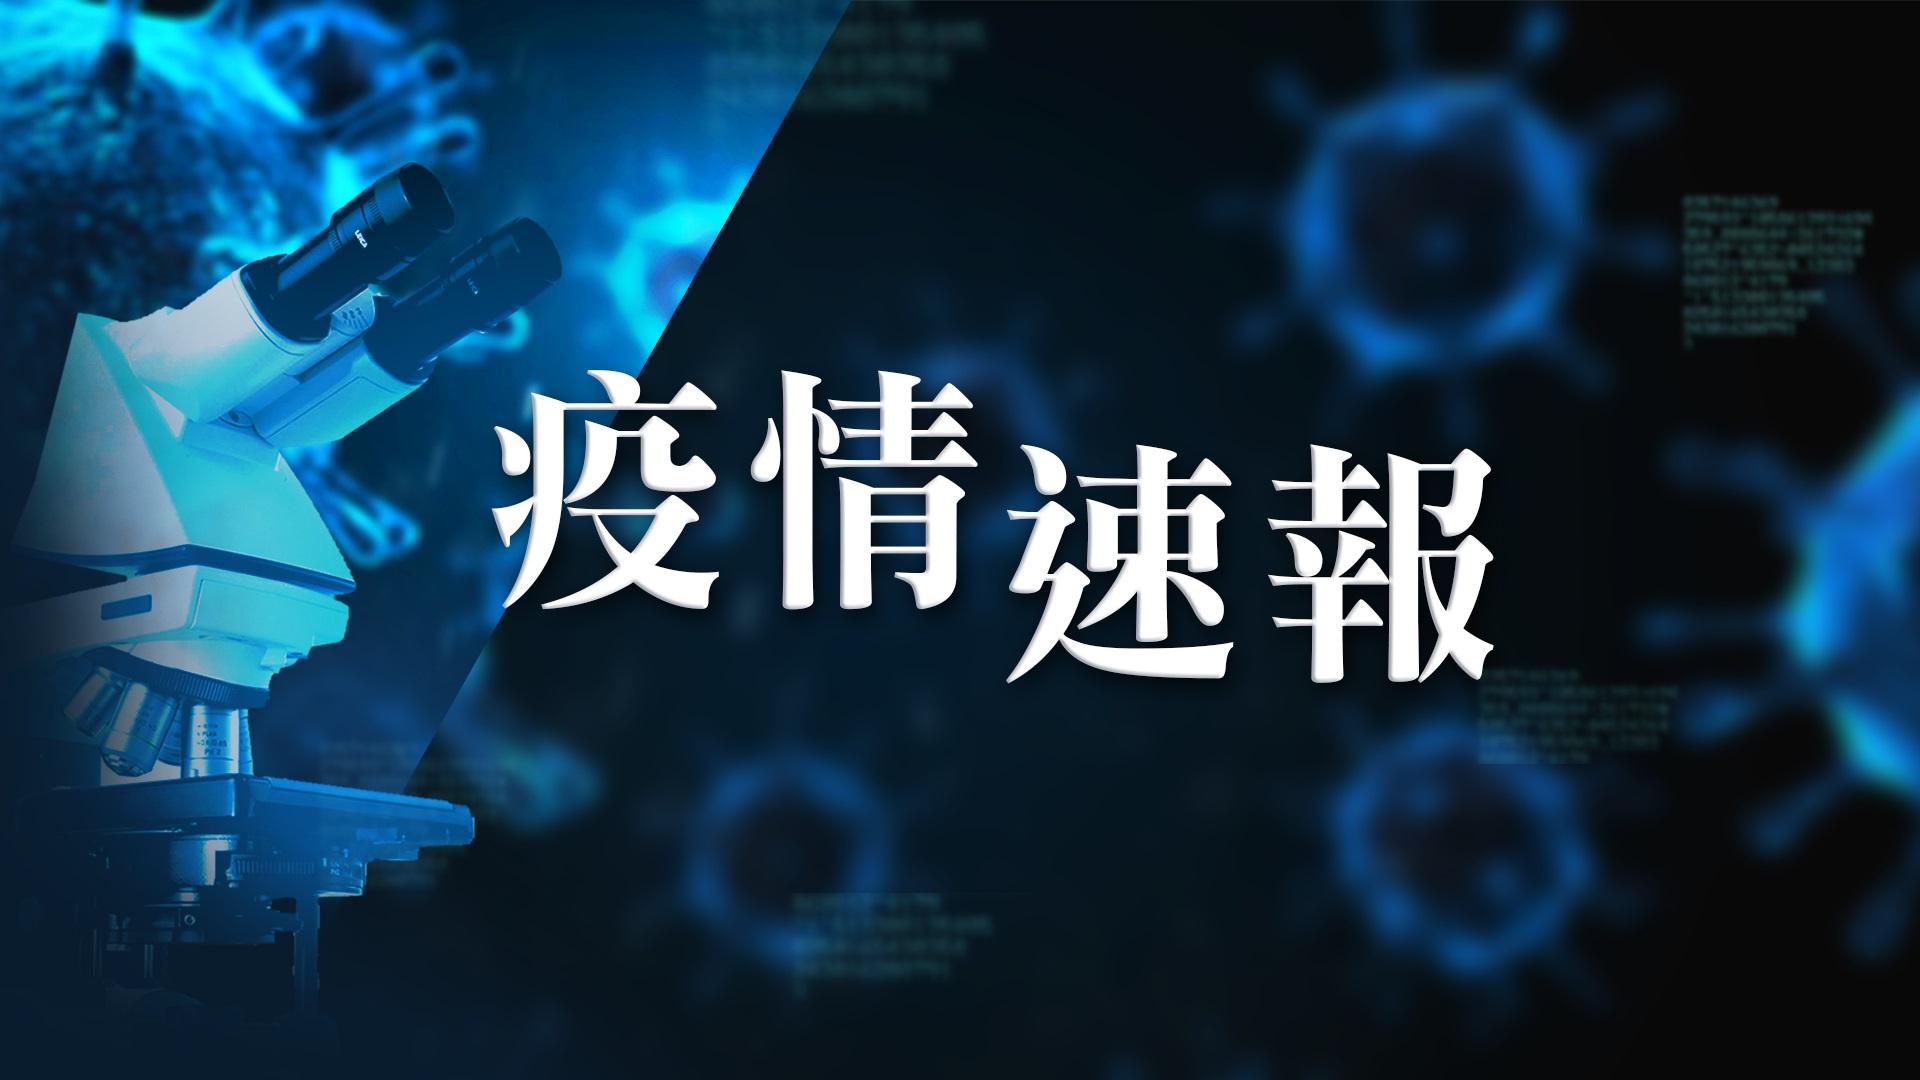 【1月12日疫情速報】(22:35)